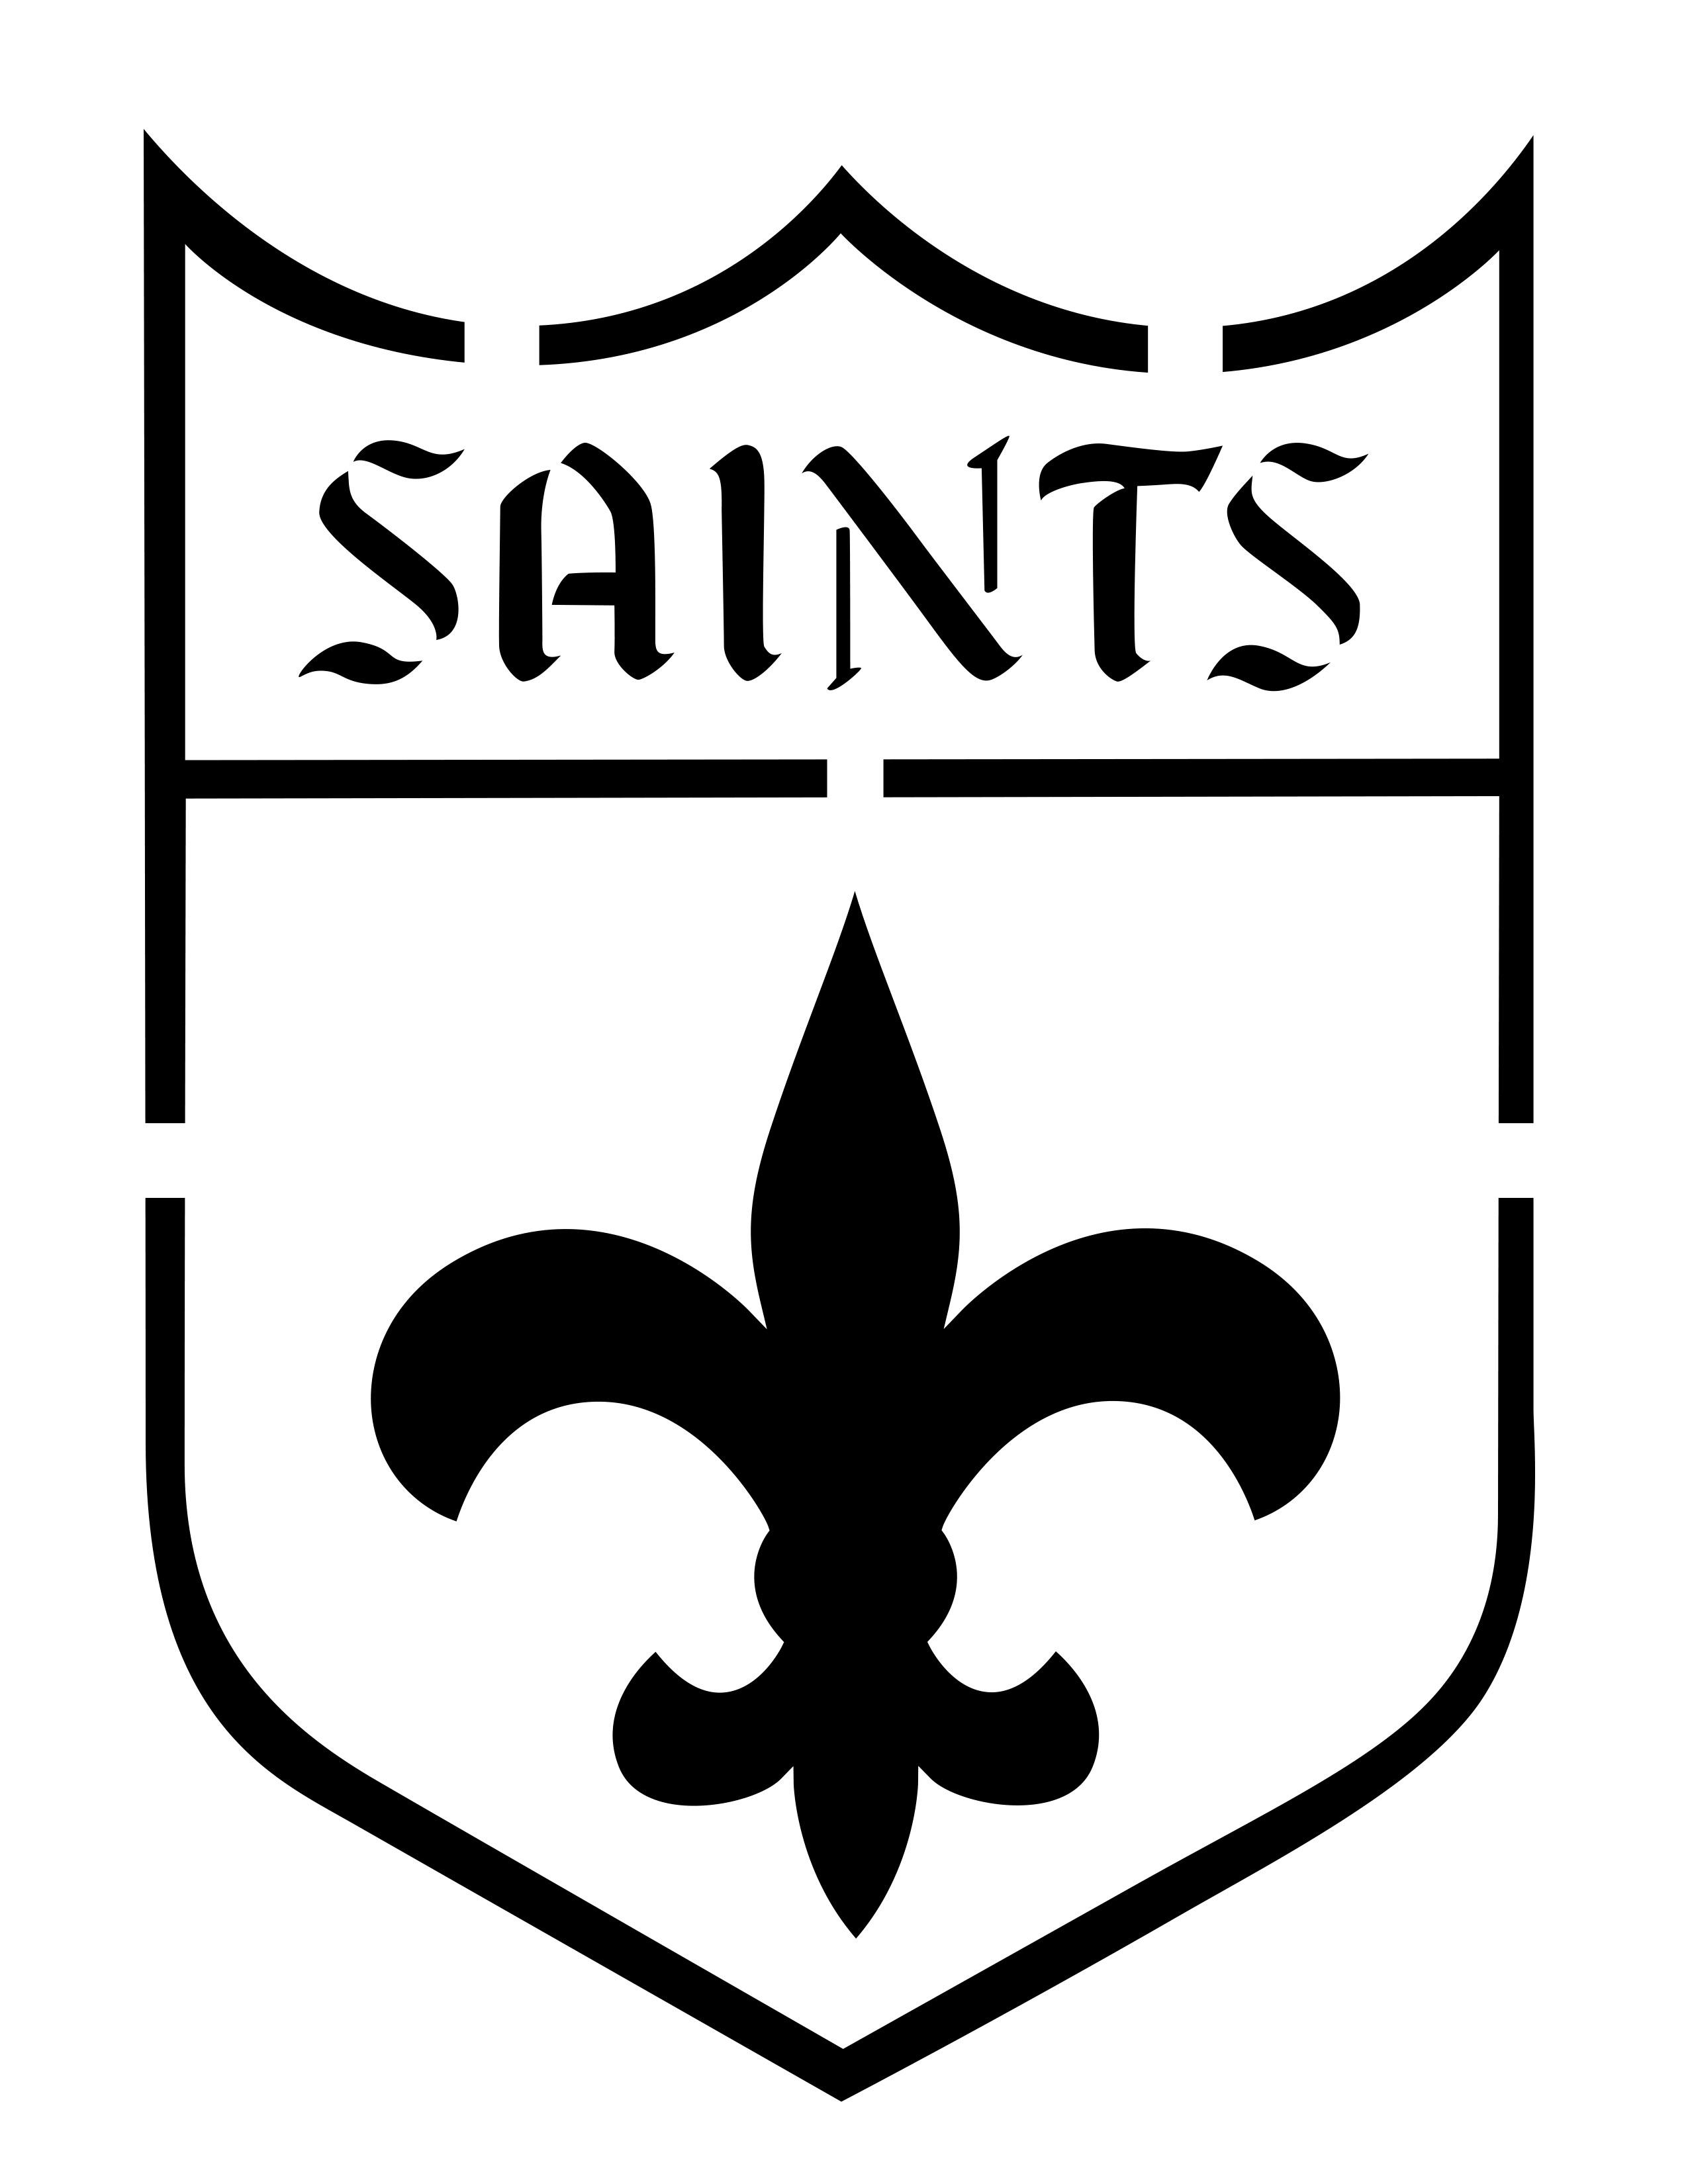 New orleans saints logo clipart picture library New Orleans Saints Clipart & New Orleans Saints Clip Art Images ... picture library